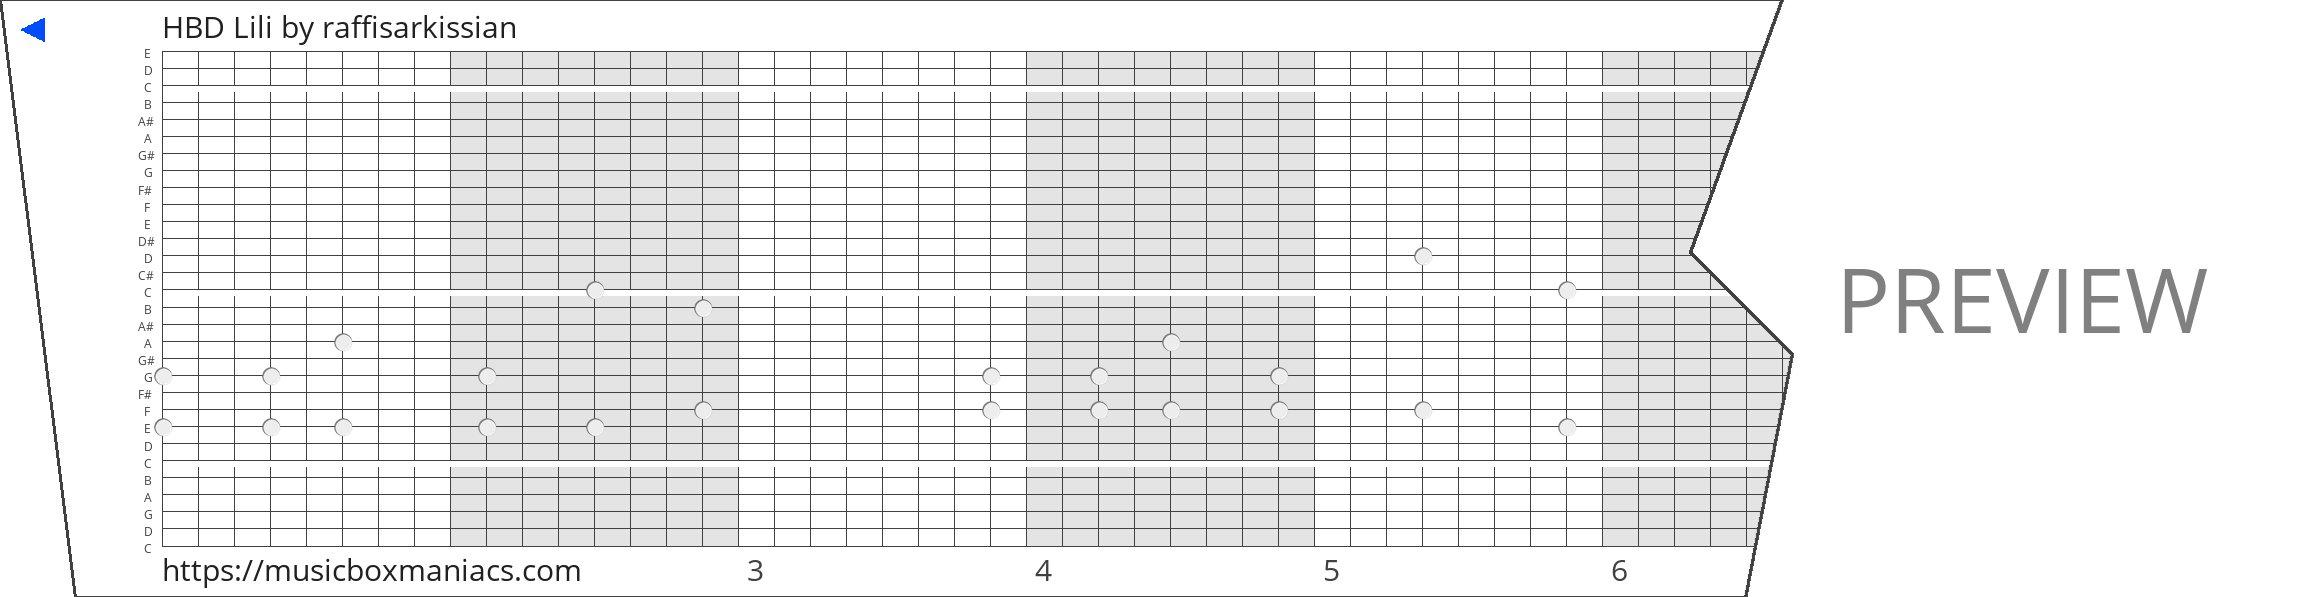 HBD Lili 30 note music box paper strip